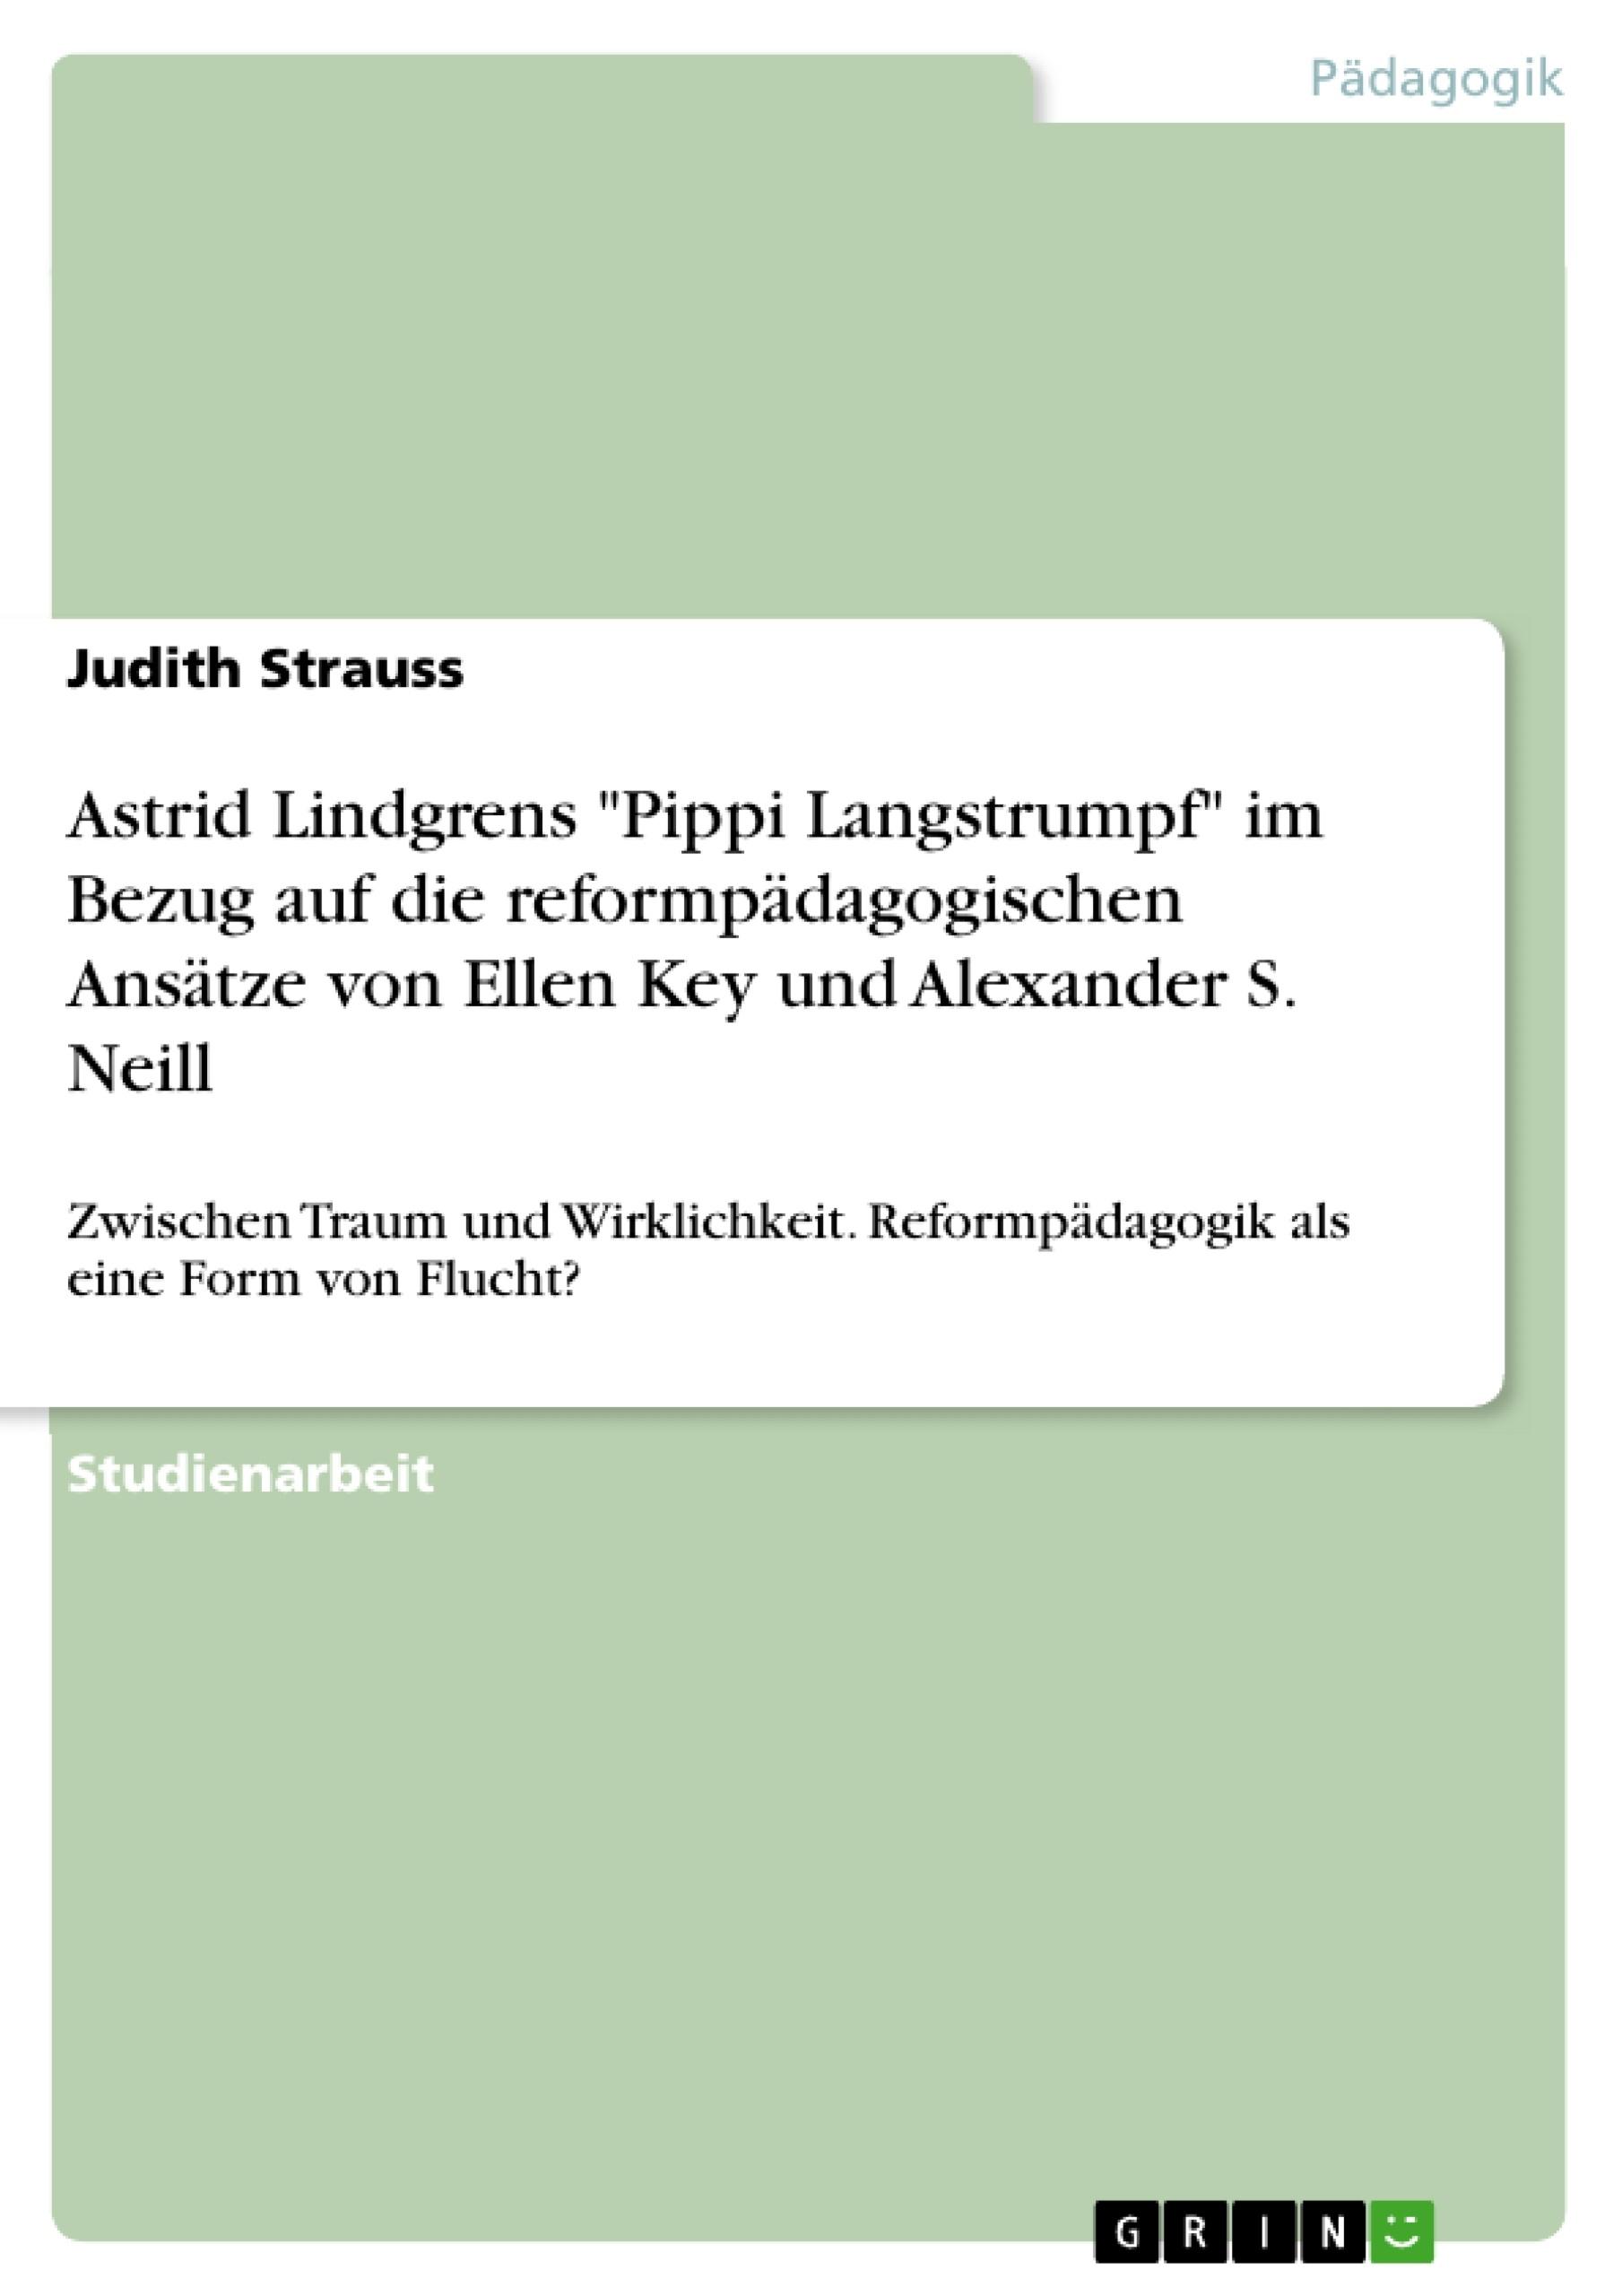 """Titel: Astrid Lindgrens """"Pippi Langstrumpf"""" im Bezug auf die reformpädagogischen Ansätze von Ellen Key und Alexander S. Neill"""